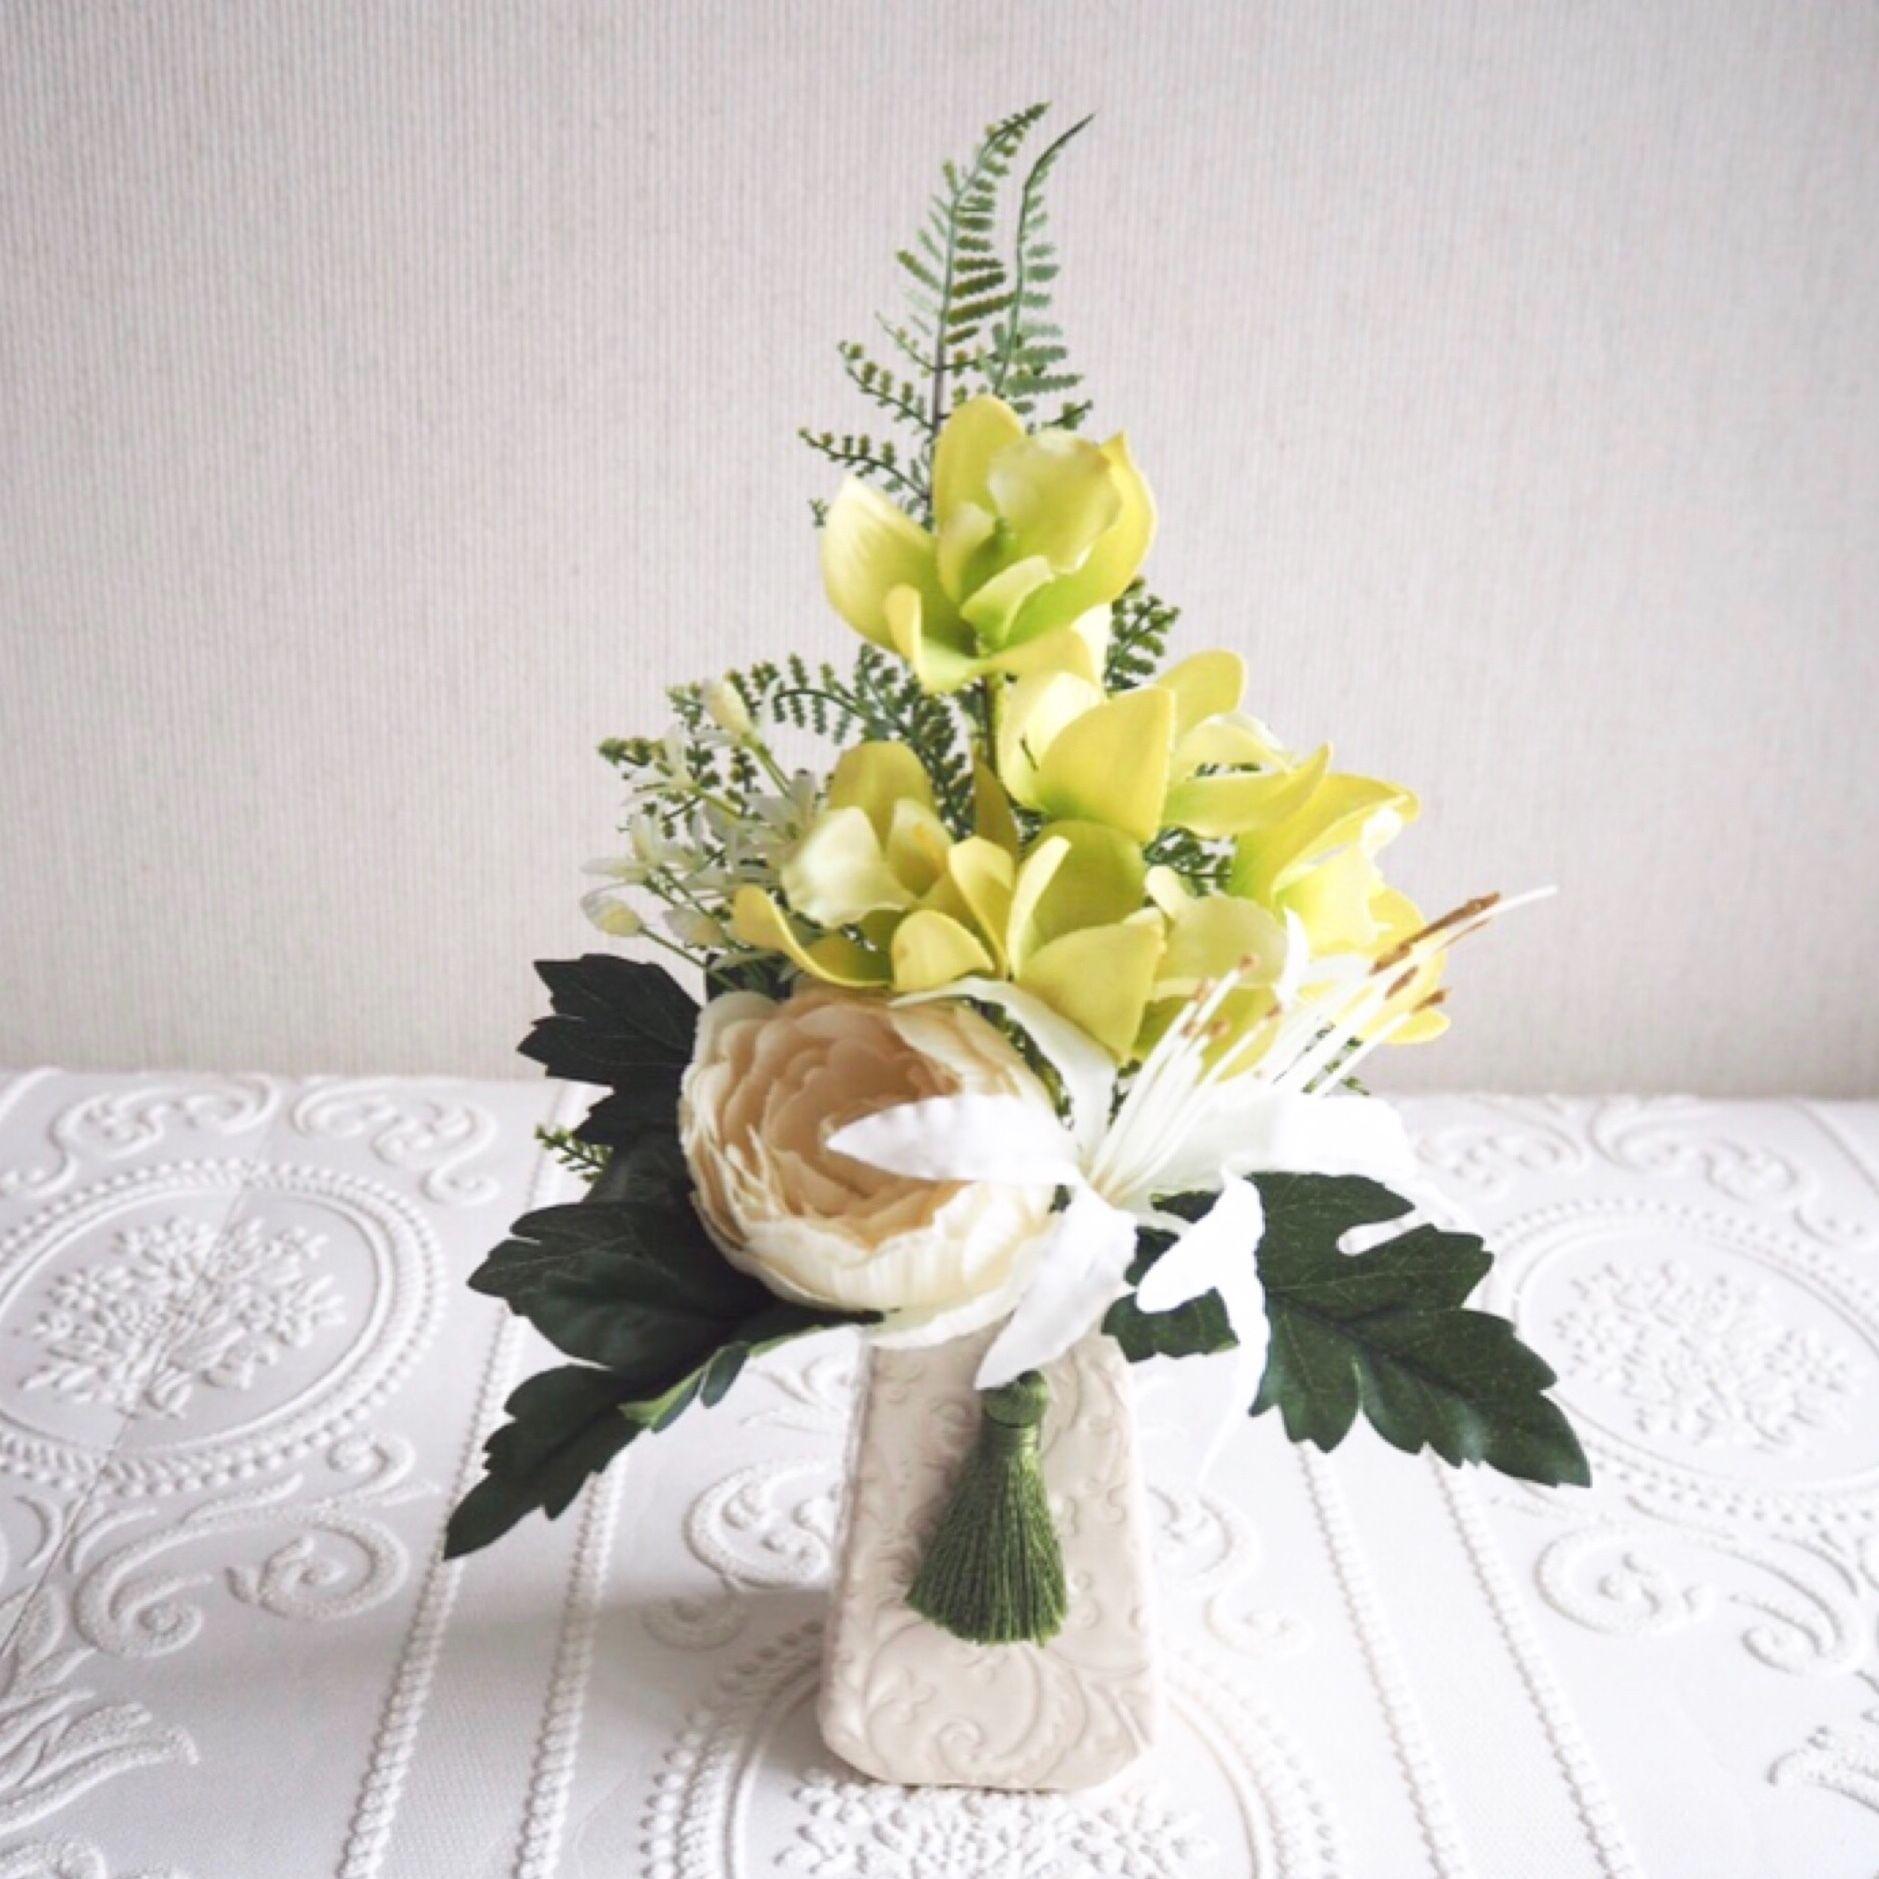 ●新作 お供え花【モダン 仏花 】上品 ホワイト & グリーン *プレミアム舞花B27